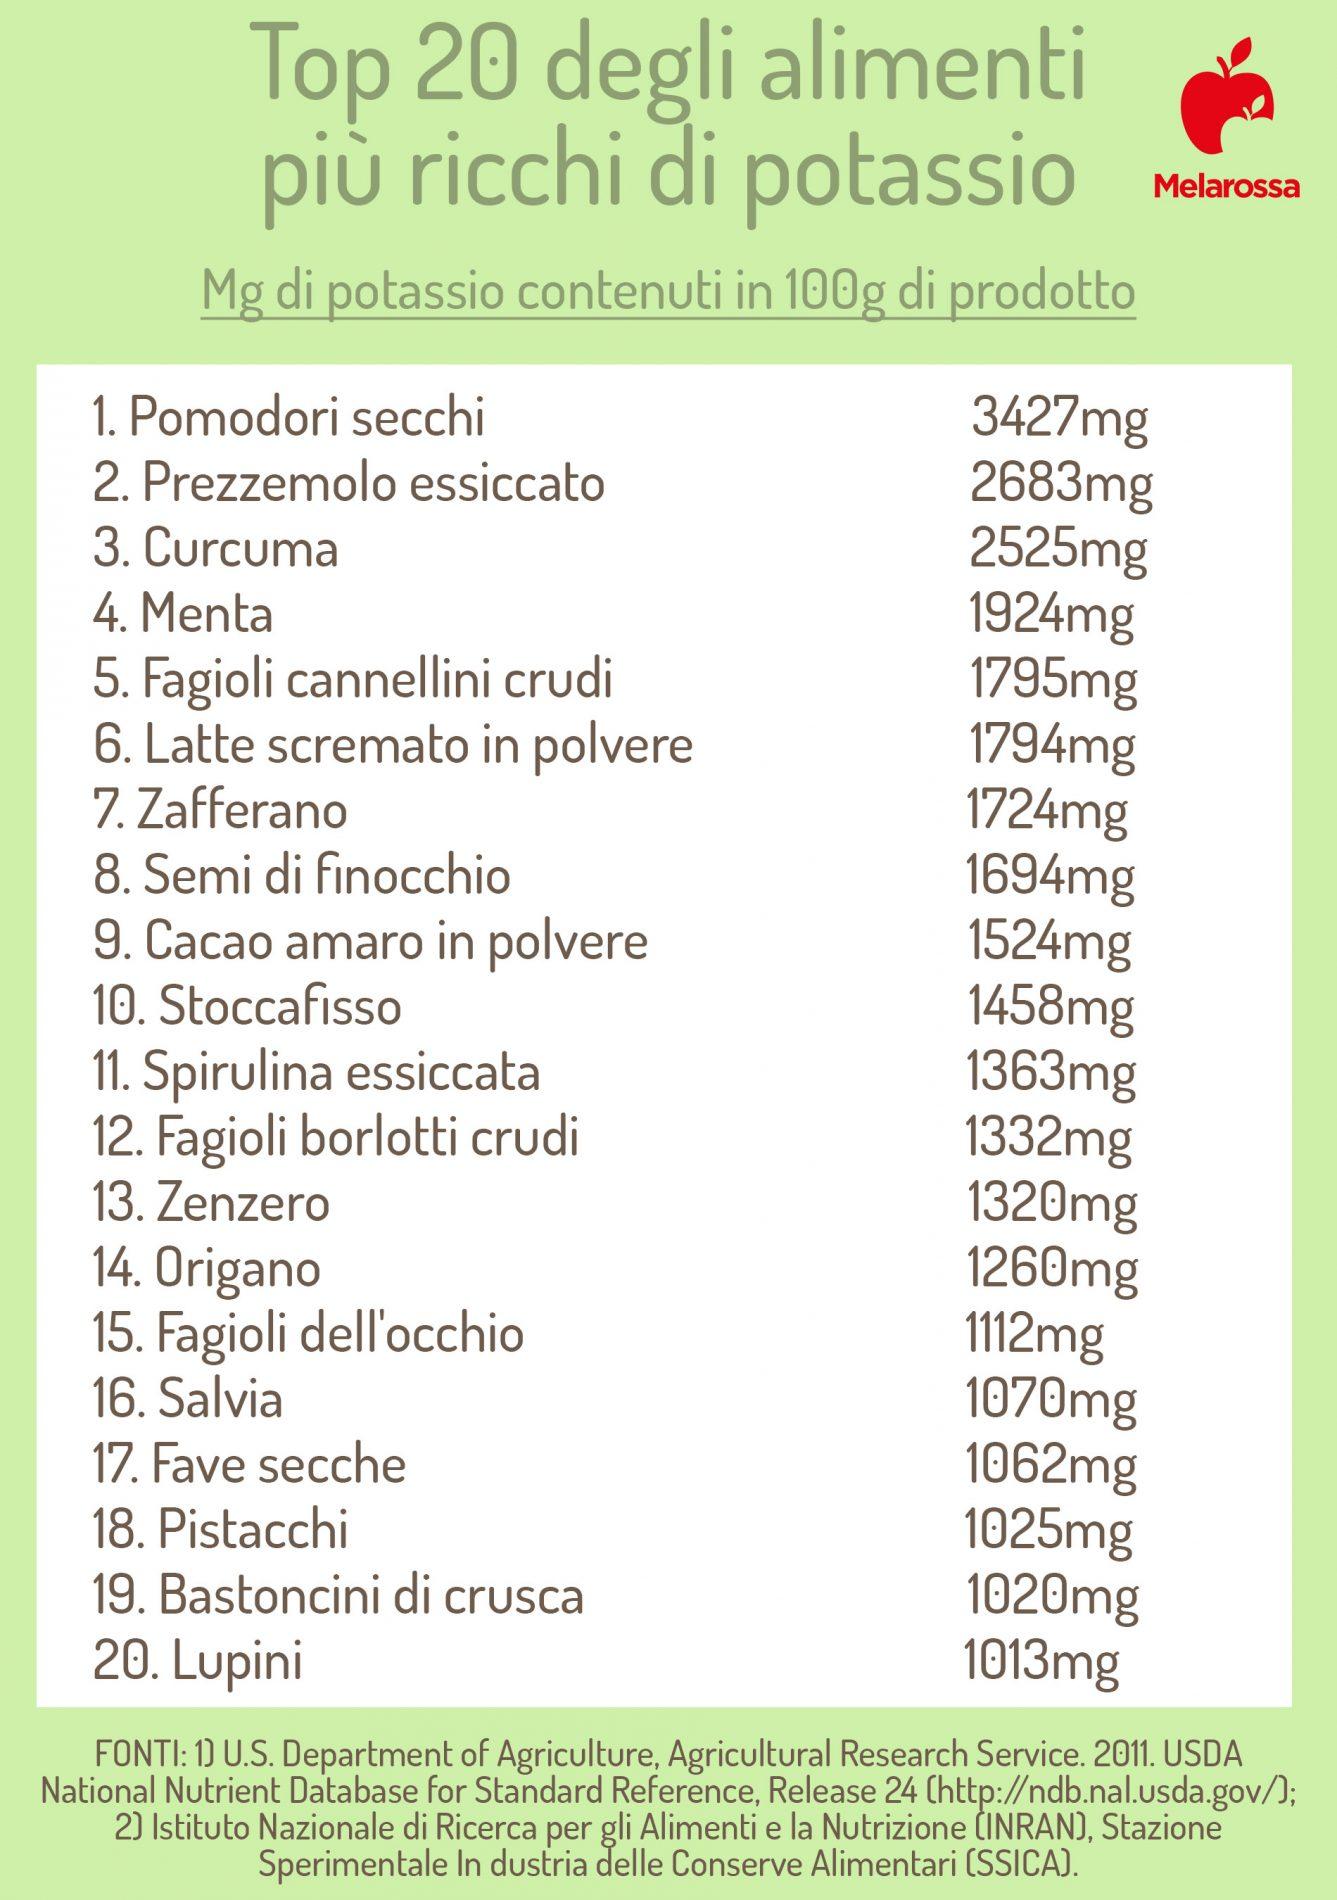 la top 20 degli alimenti più ricchi di potassio